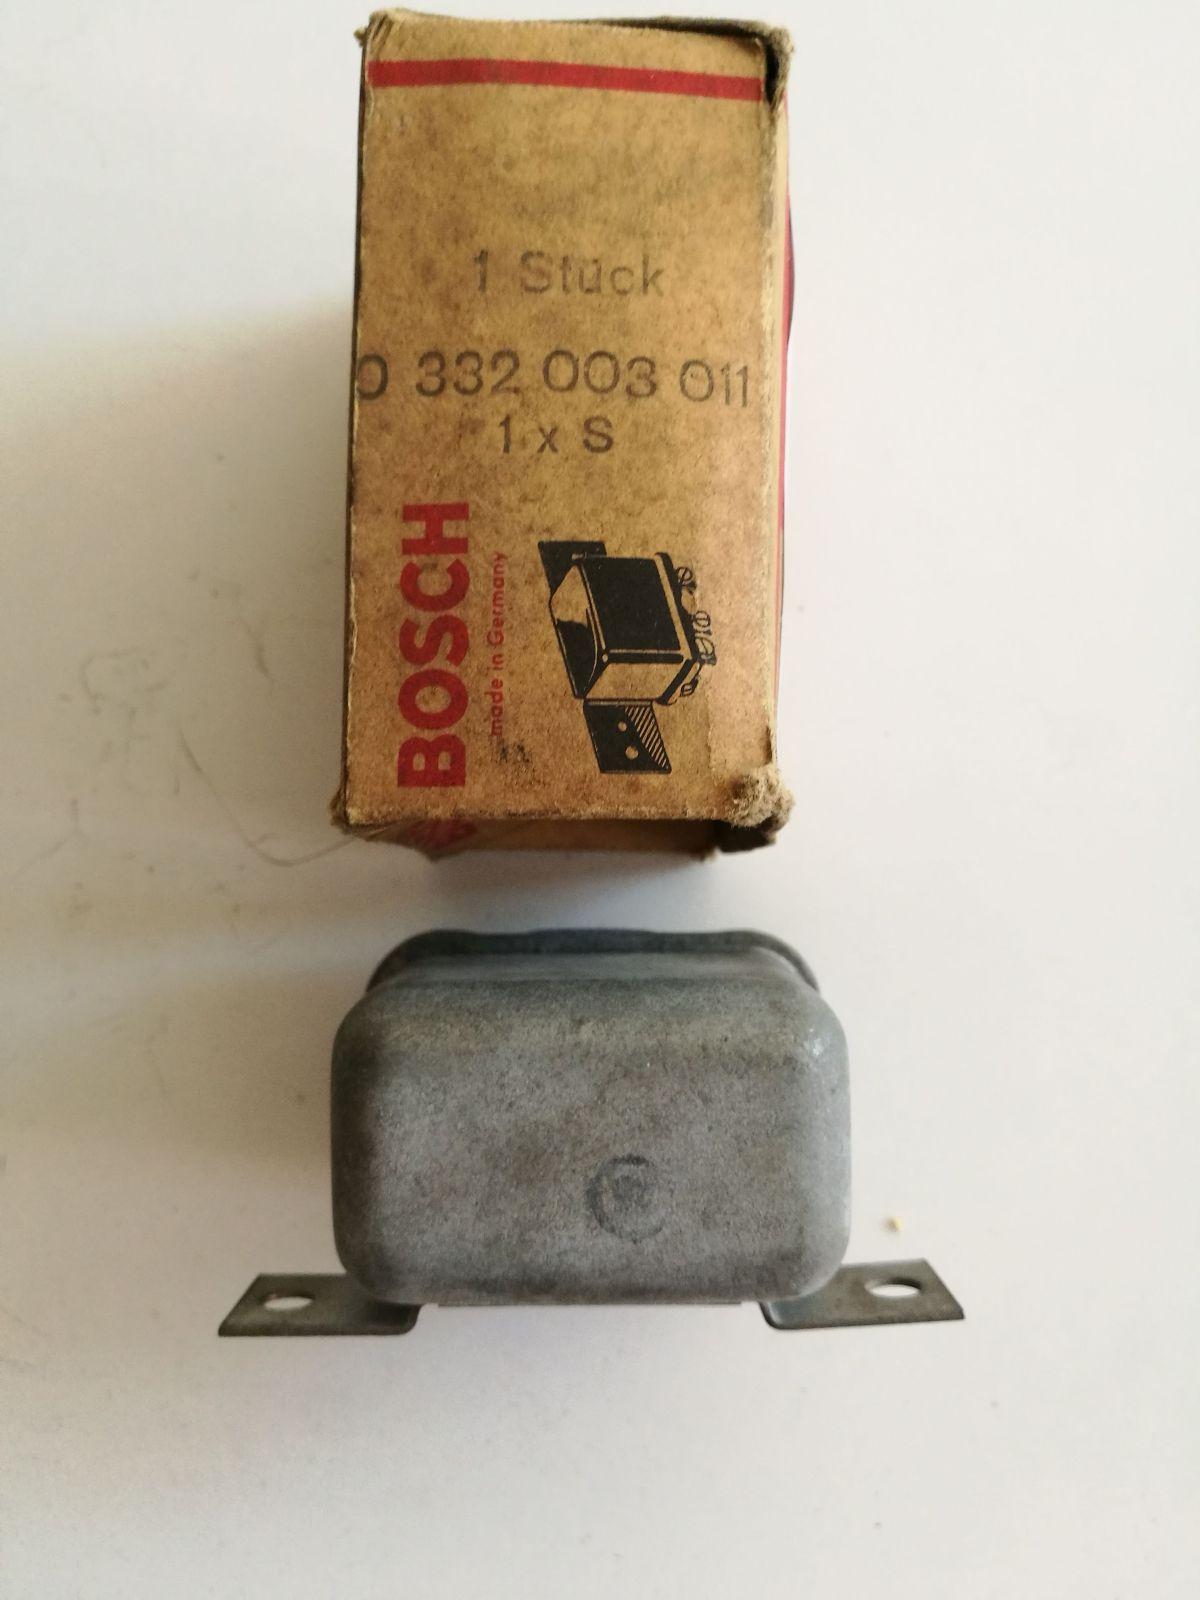 Bosch 0332003011 Lichtmaschinenregler controlador máquina de luz contrôleu